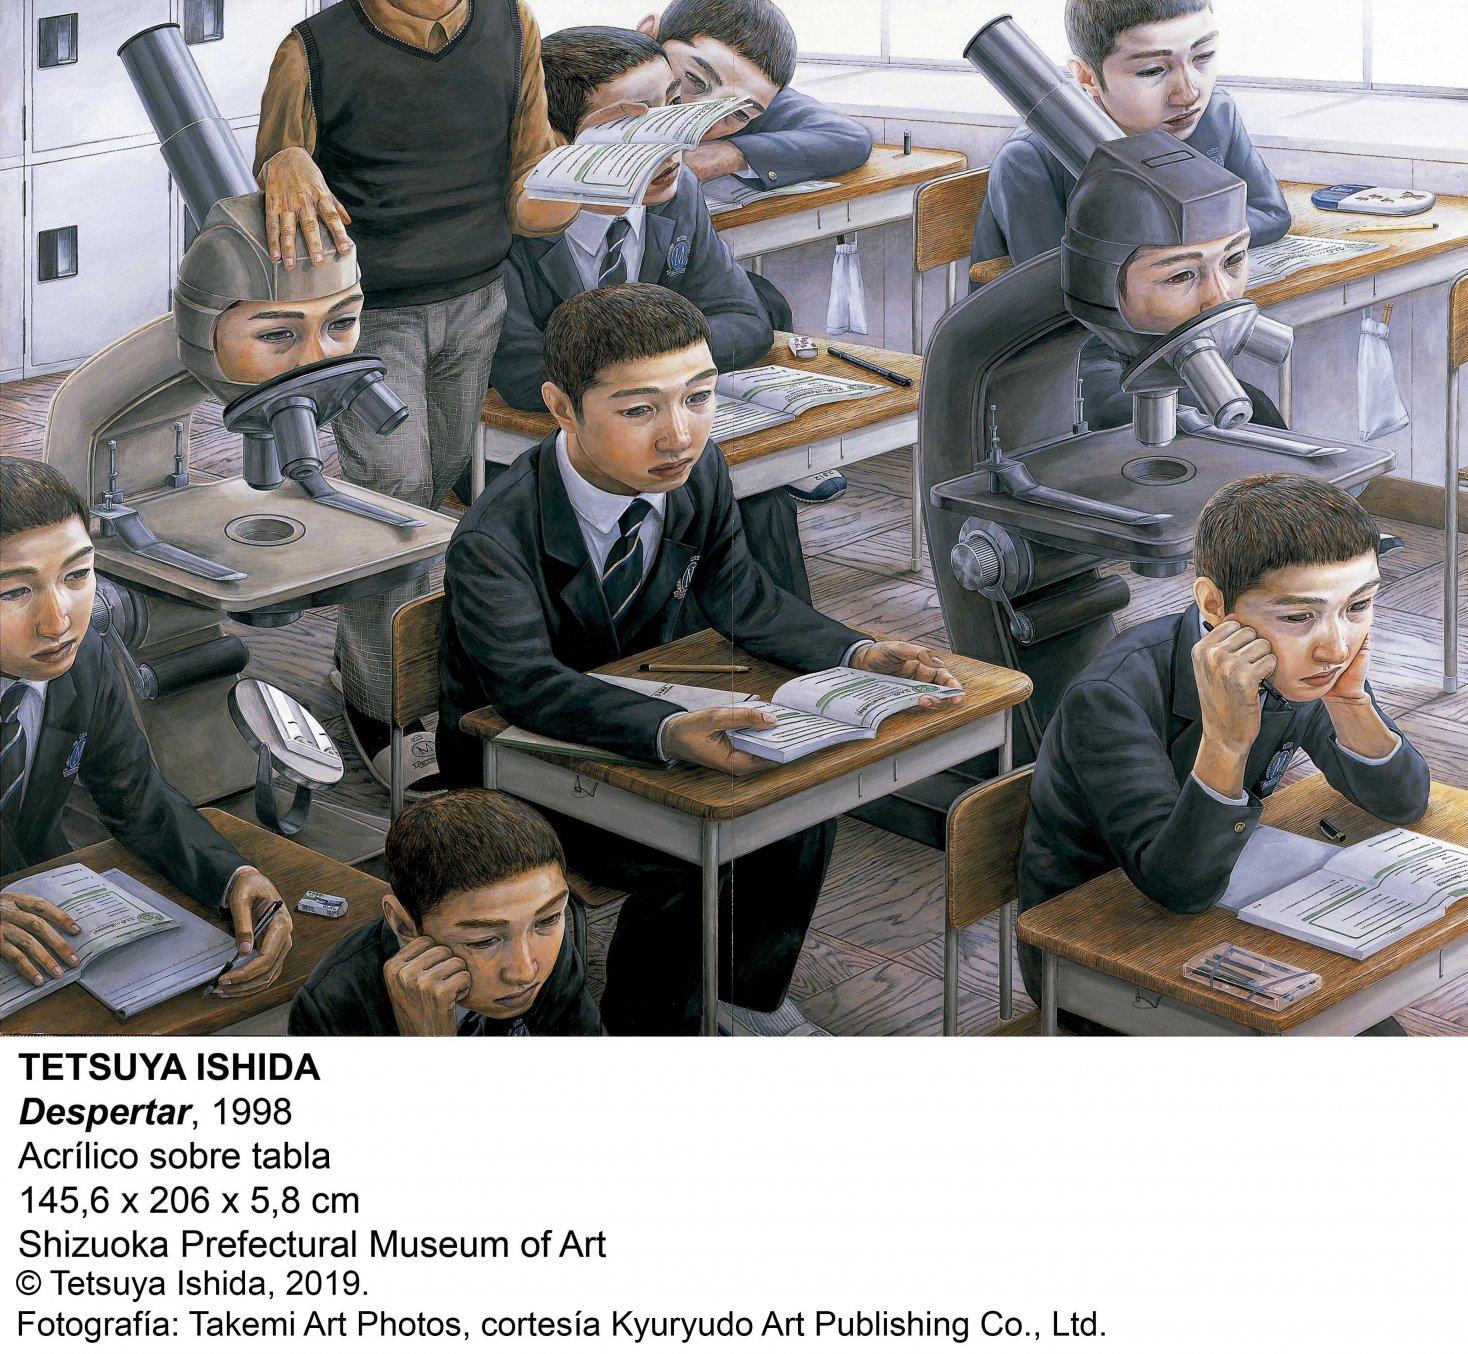 Despertar (1998) - Tetsuya Ishida